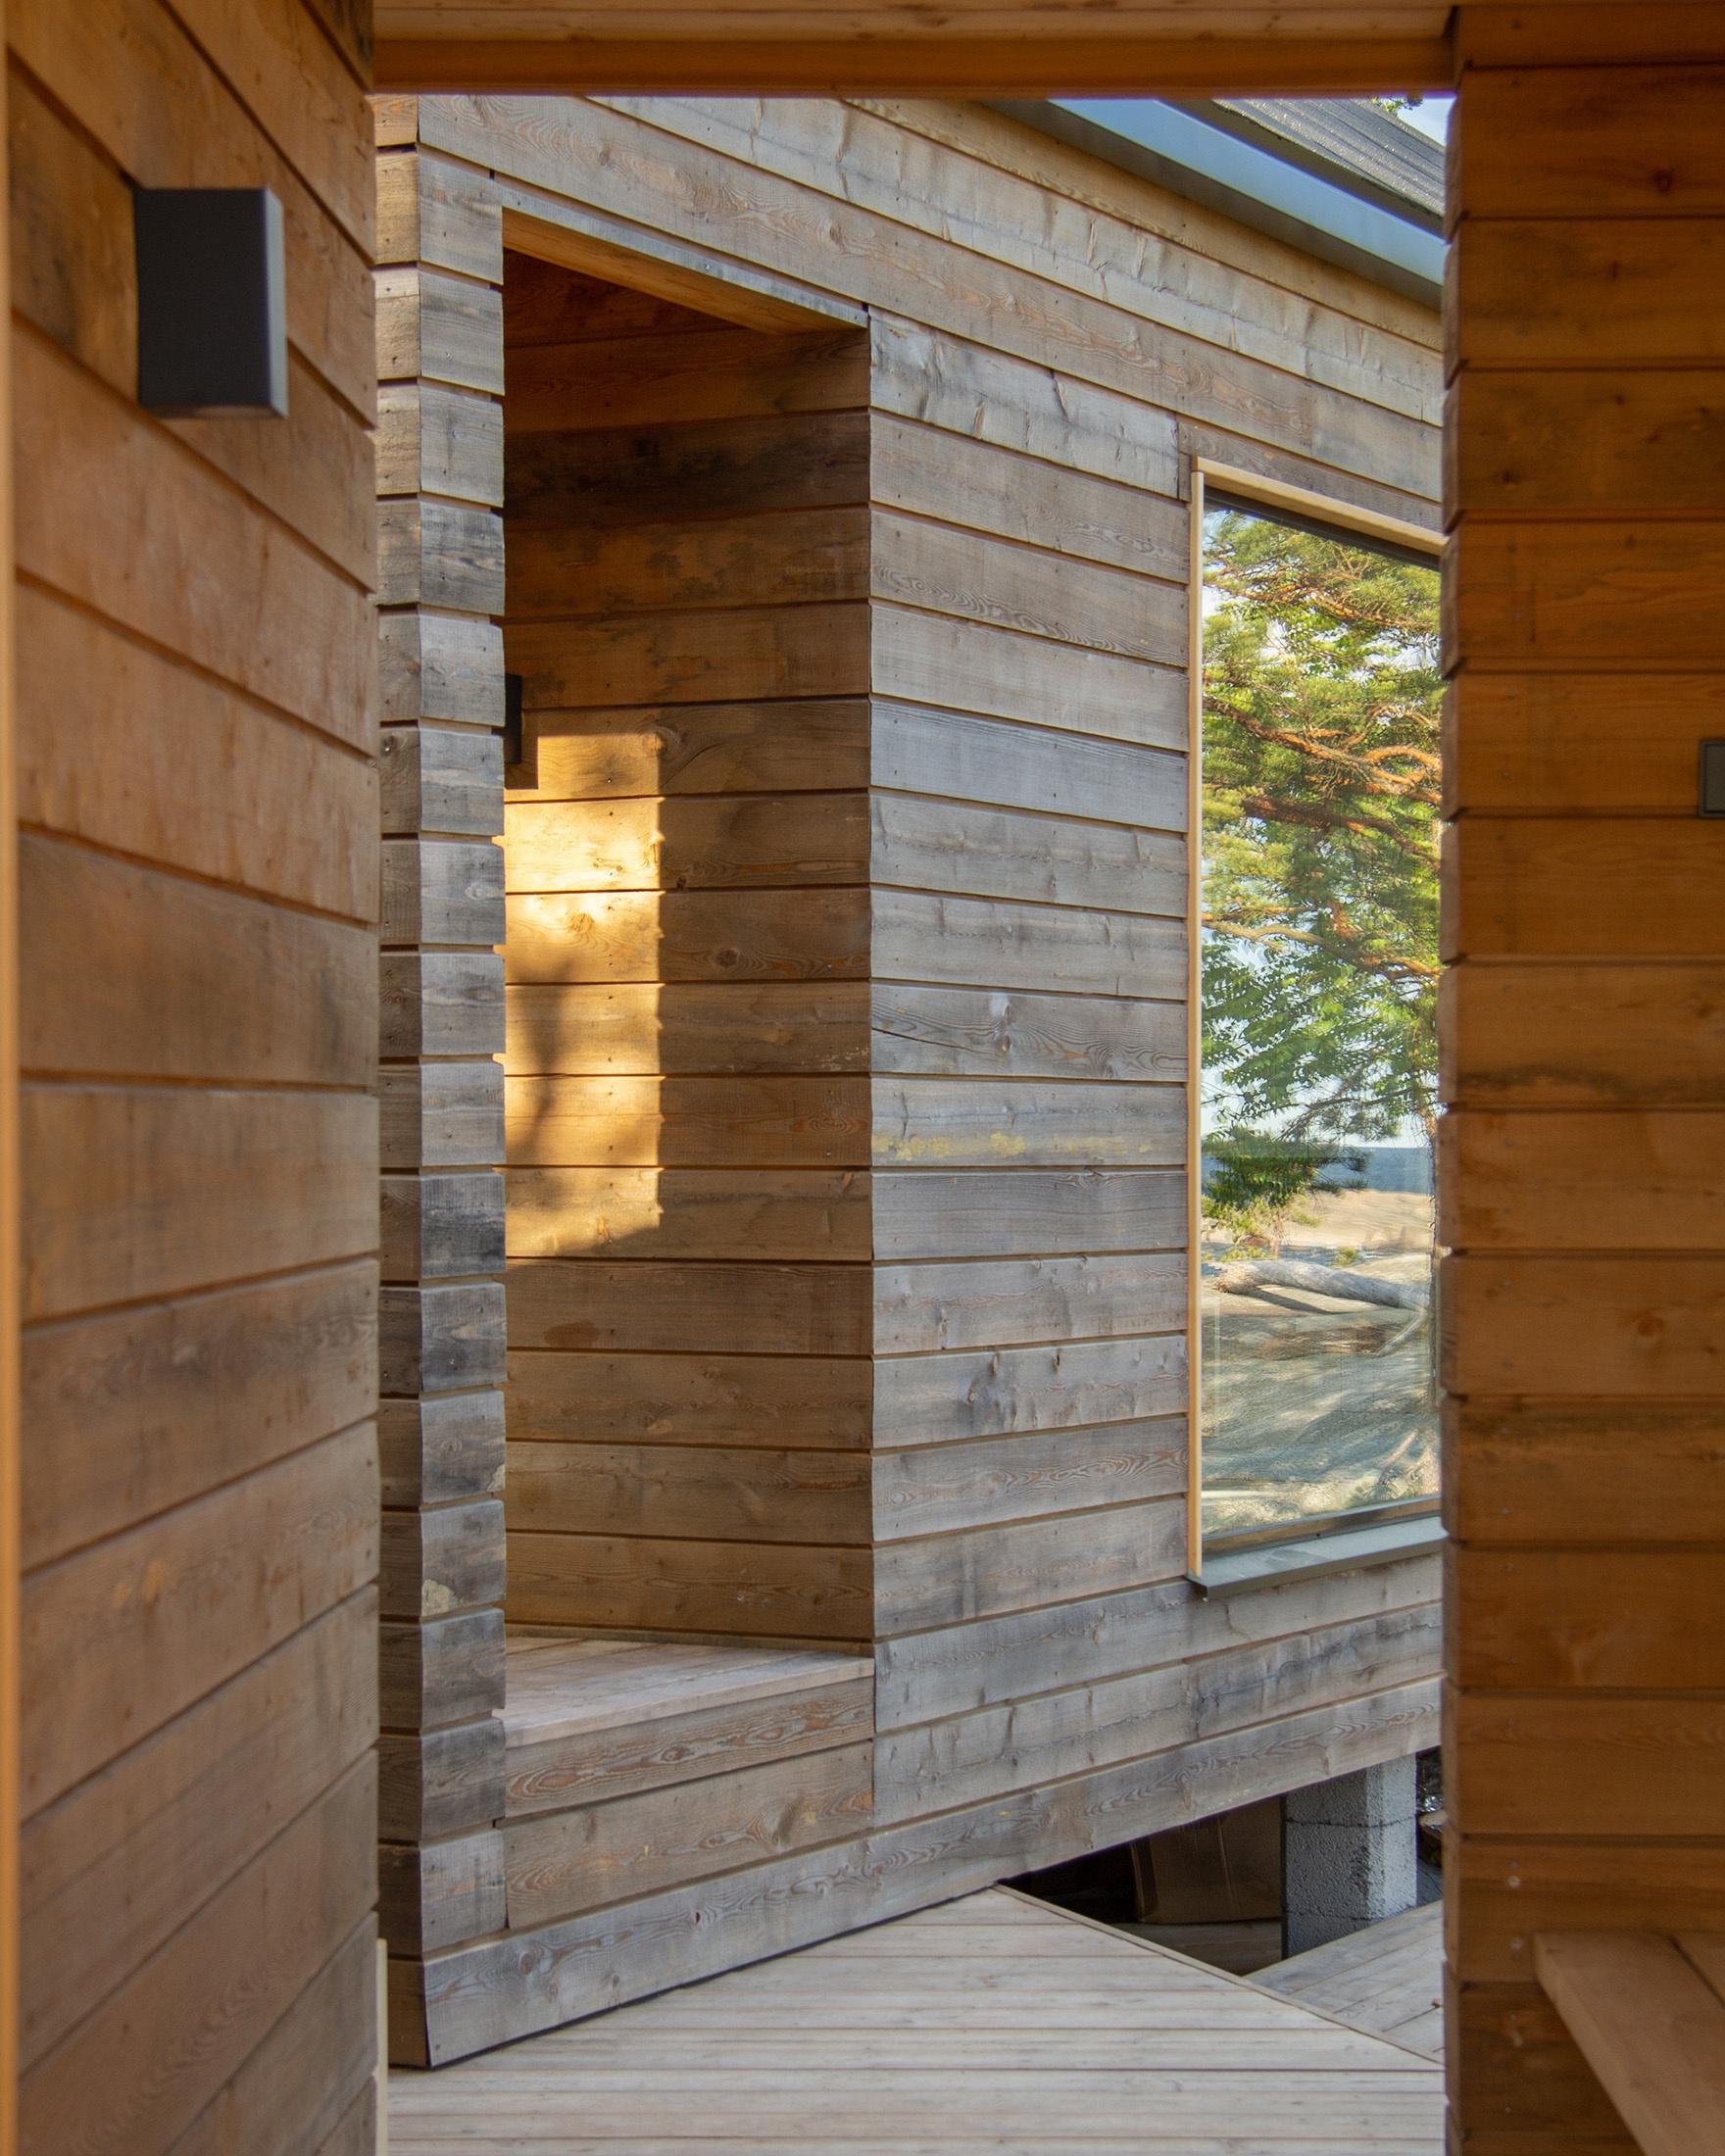 Sauna-ja-saunatupa-Helsingin-saaristossa-21